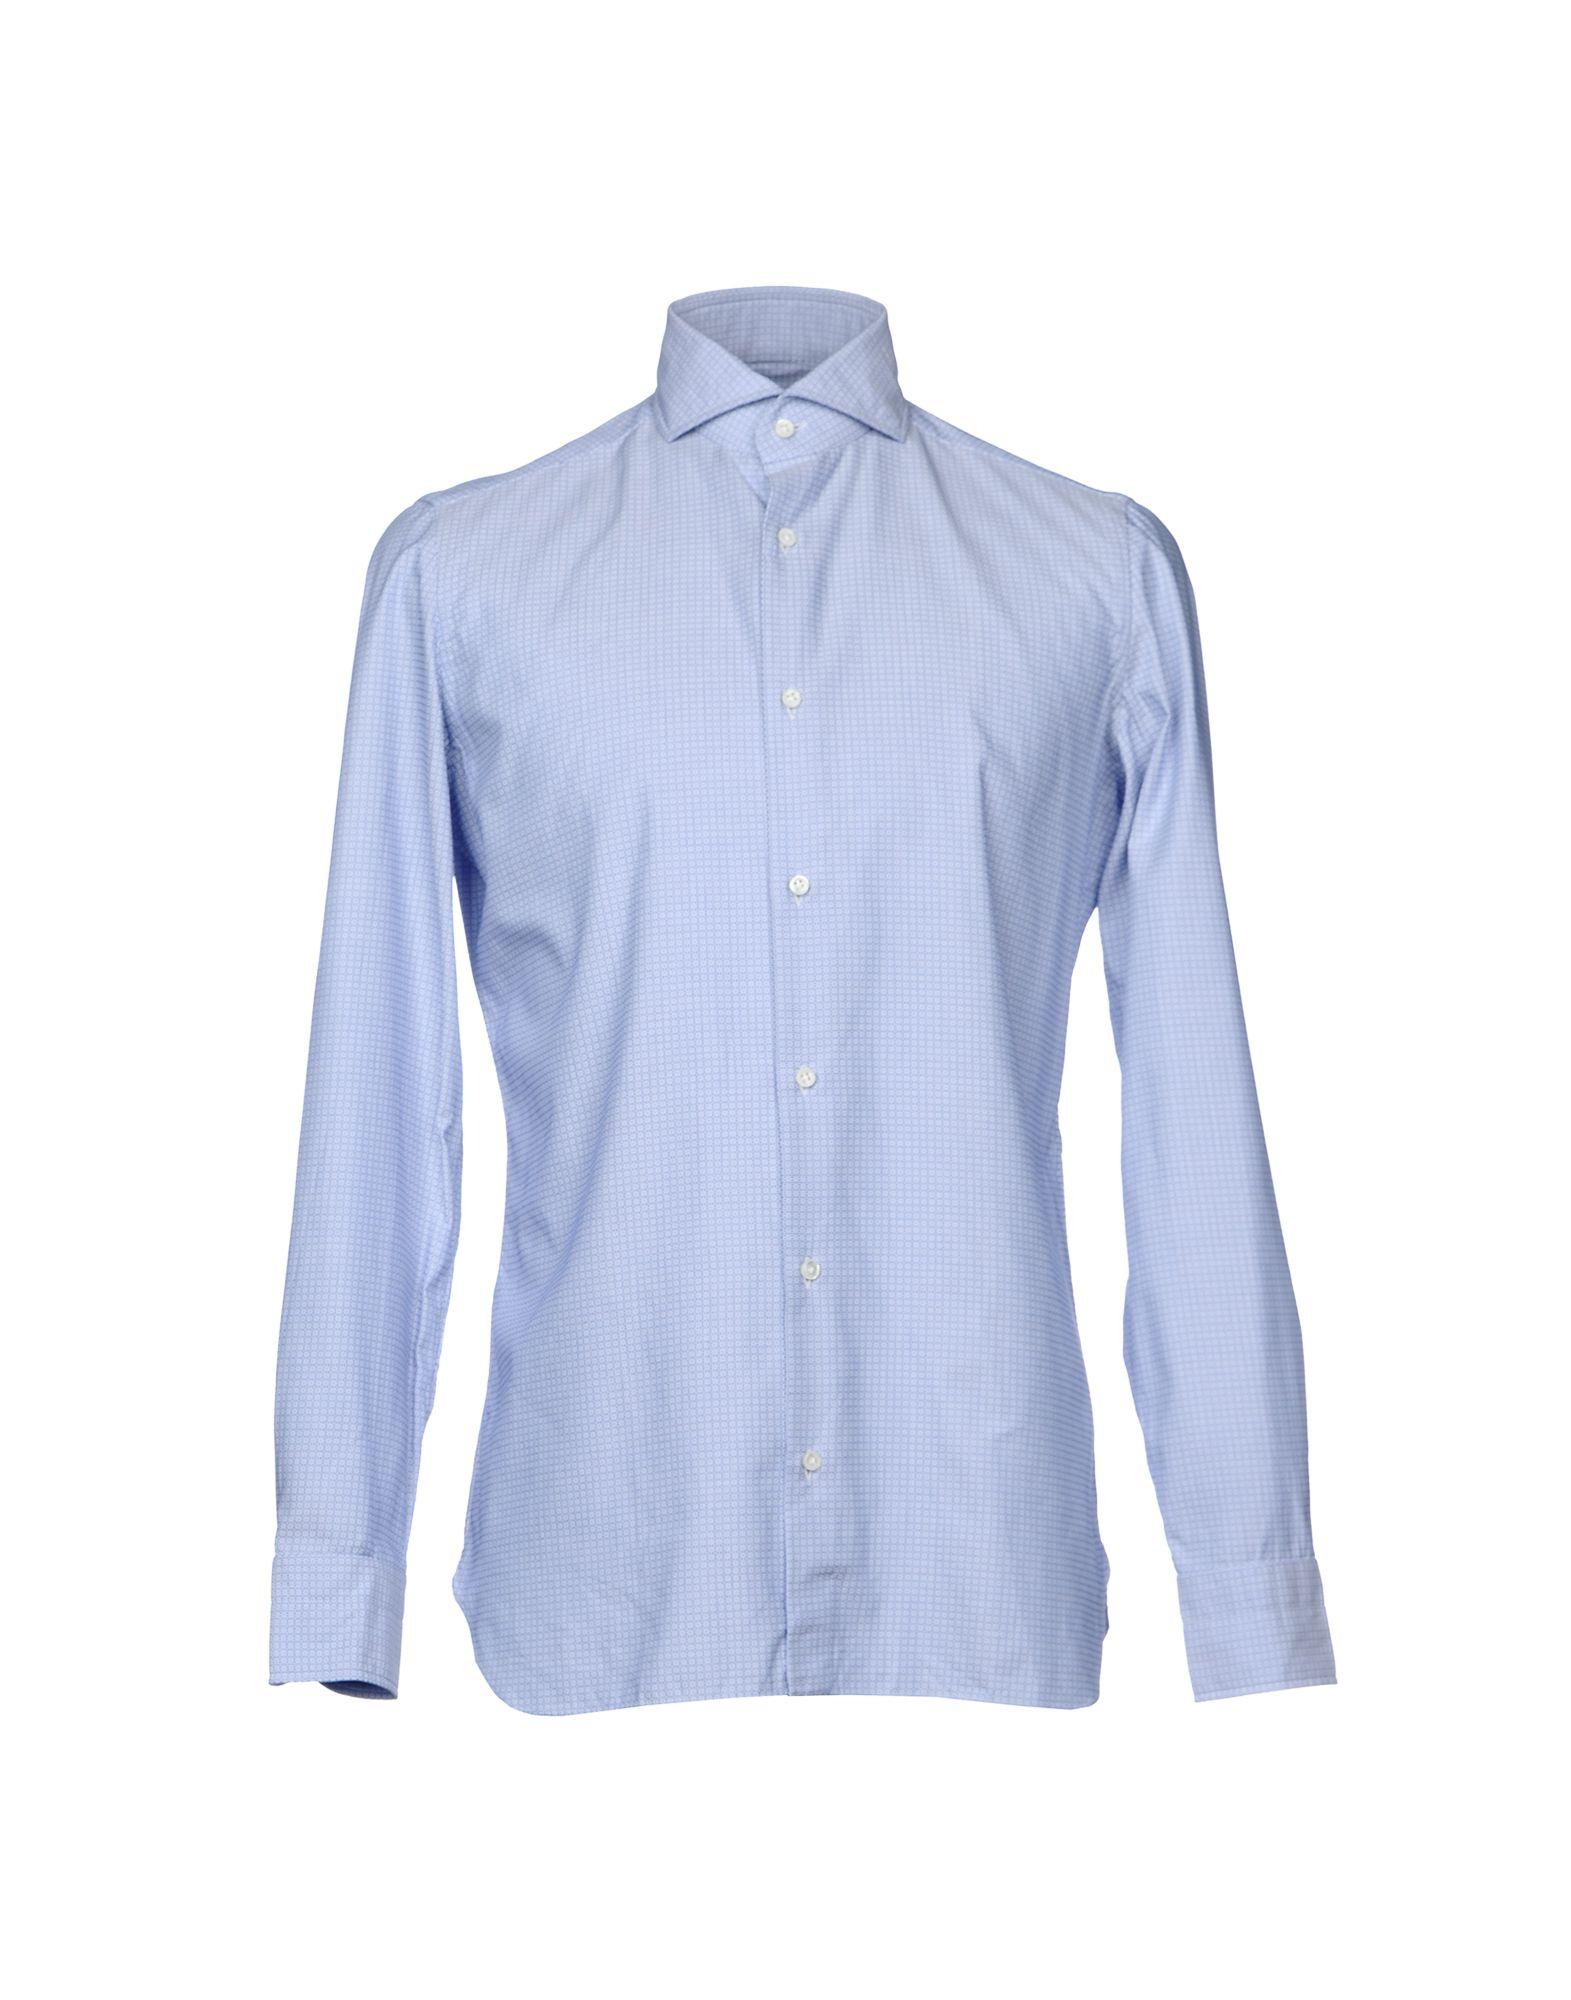 Camicia Fantasia Luigi Borrelli Napoli Uomo - Acquista online su